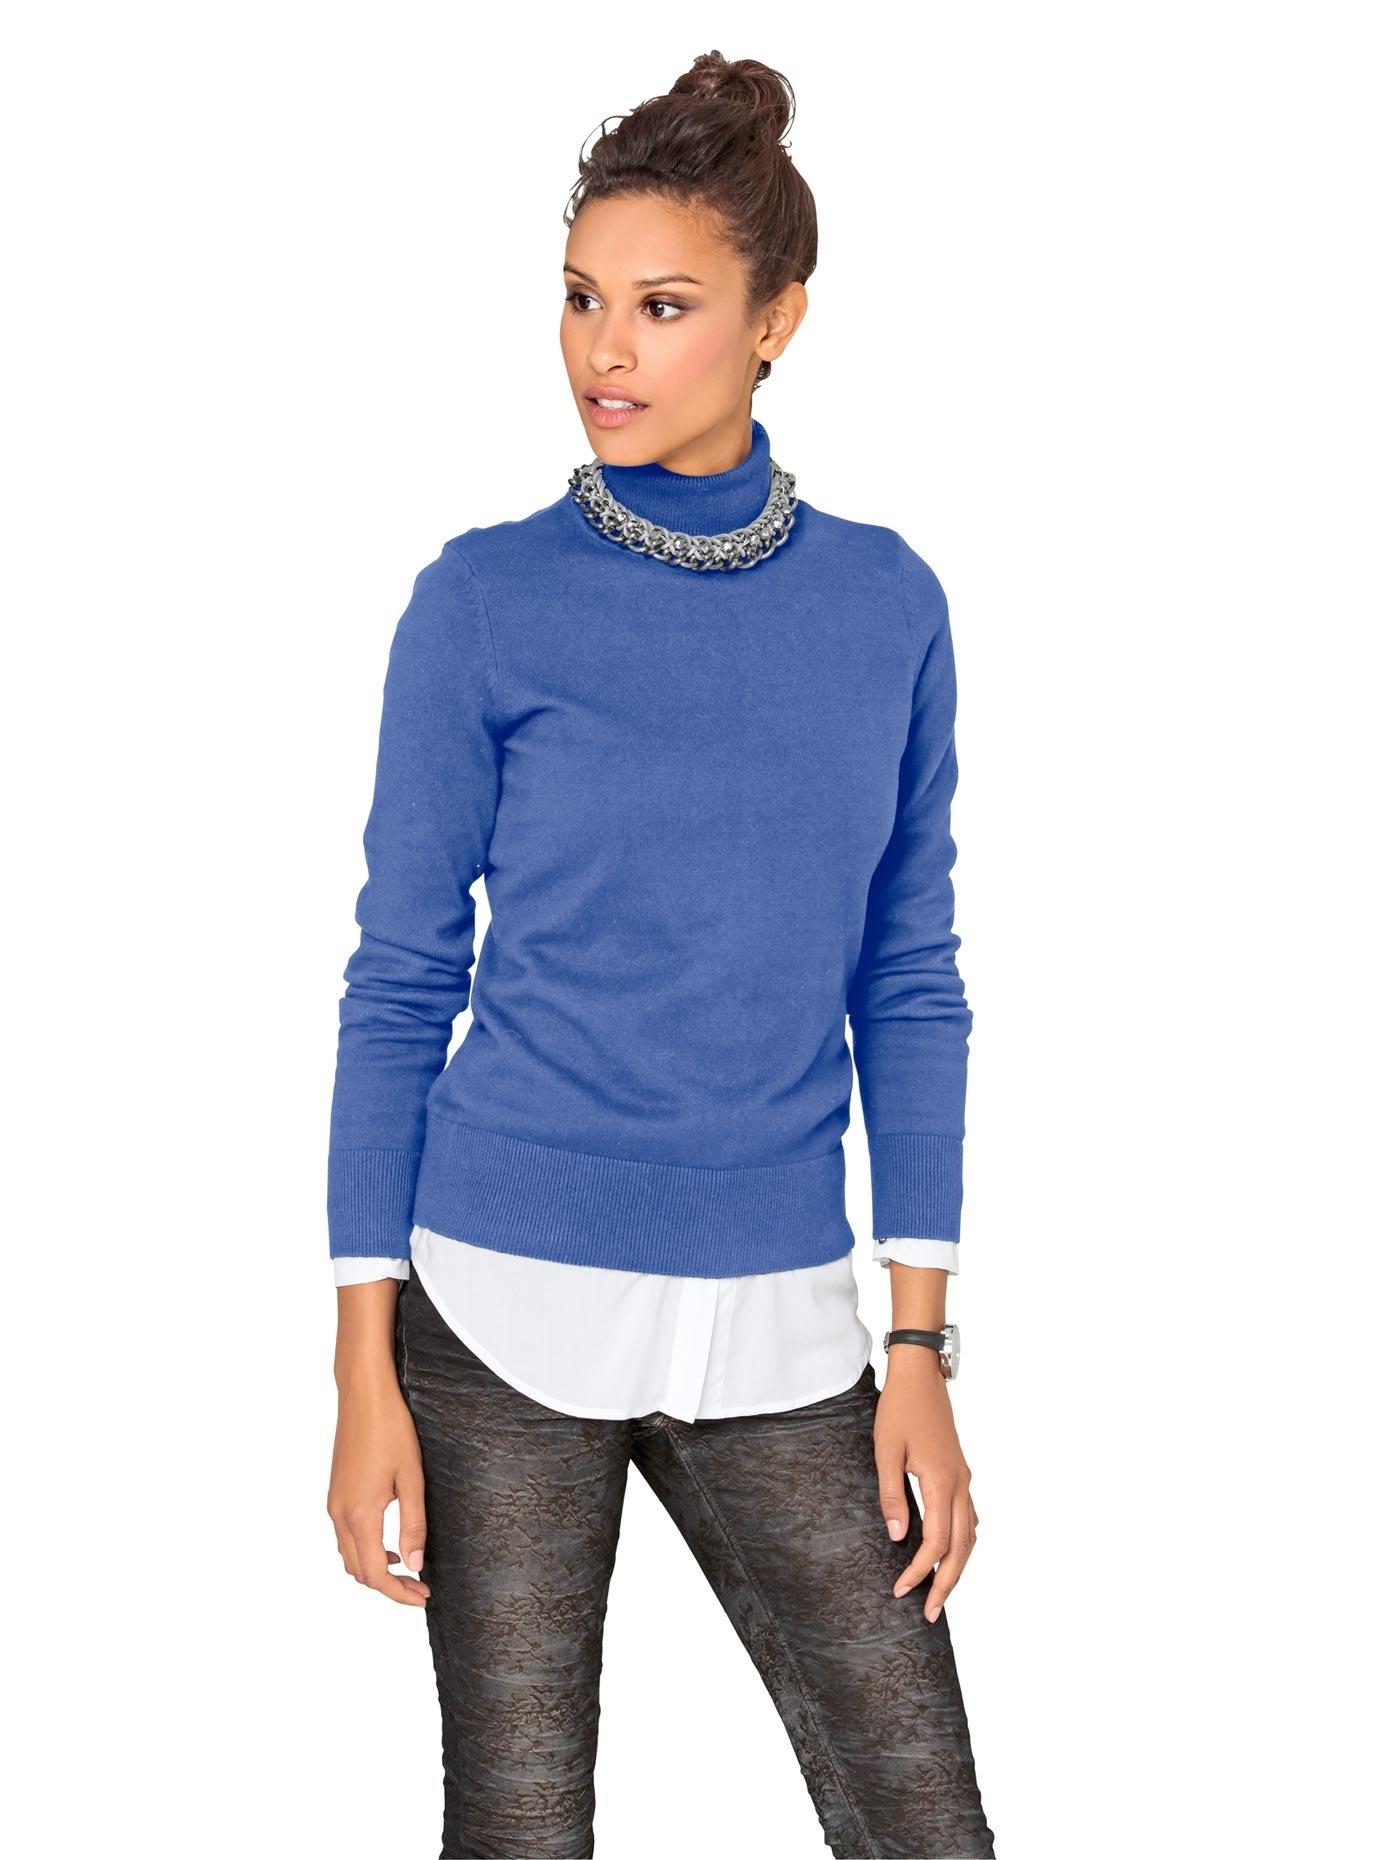 LINEA TESINI by Heine coltrui tricot nu online bestellen